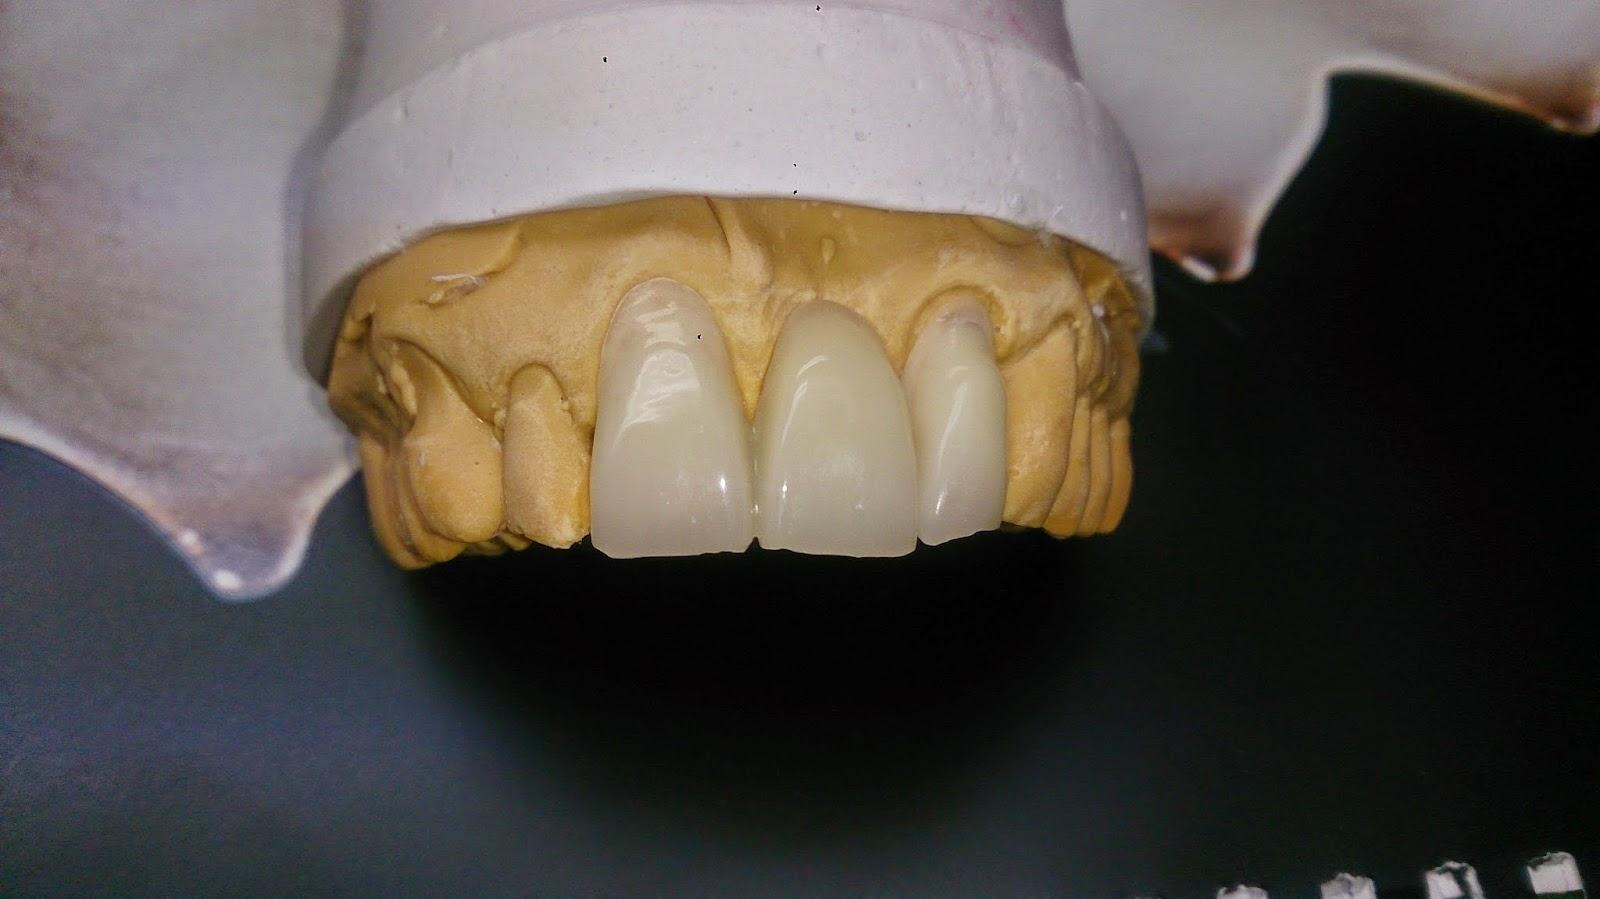 blog prothesiste dentaire Le blanchiment dentaire ou plutôt  éclaircissement dentaire  permet d'éclaircir la teinte des dents cette technique consiste à utiliser un agent de.